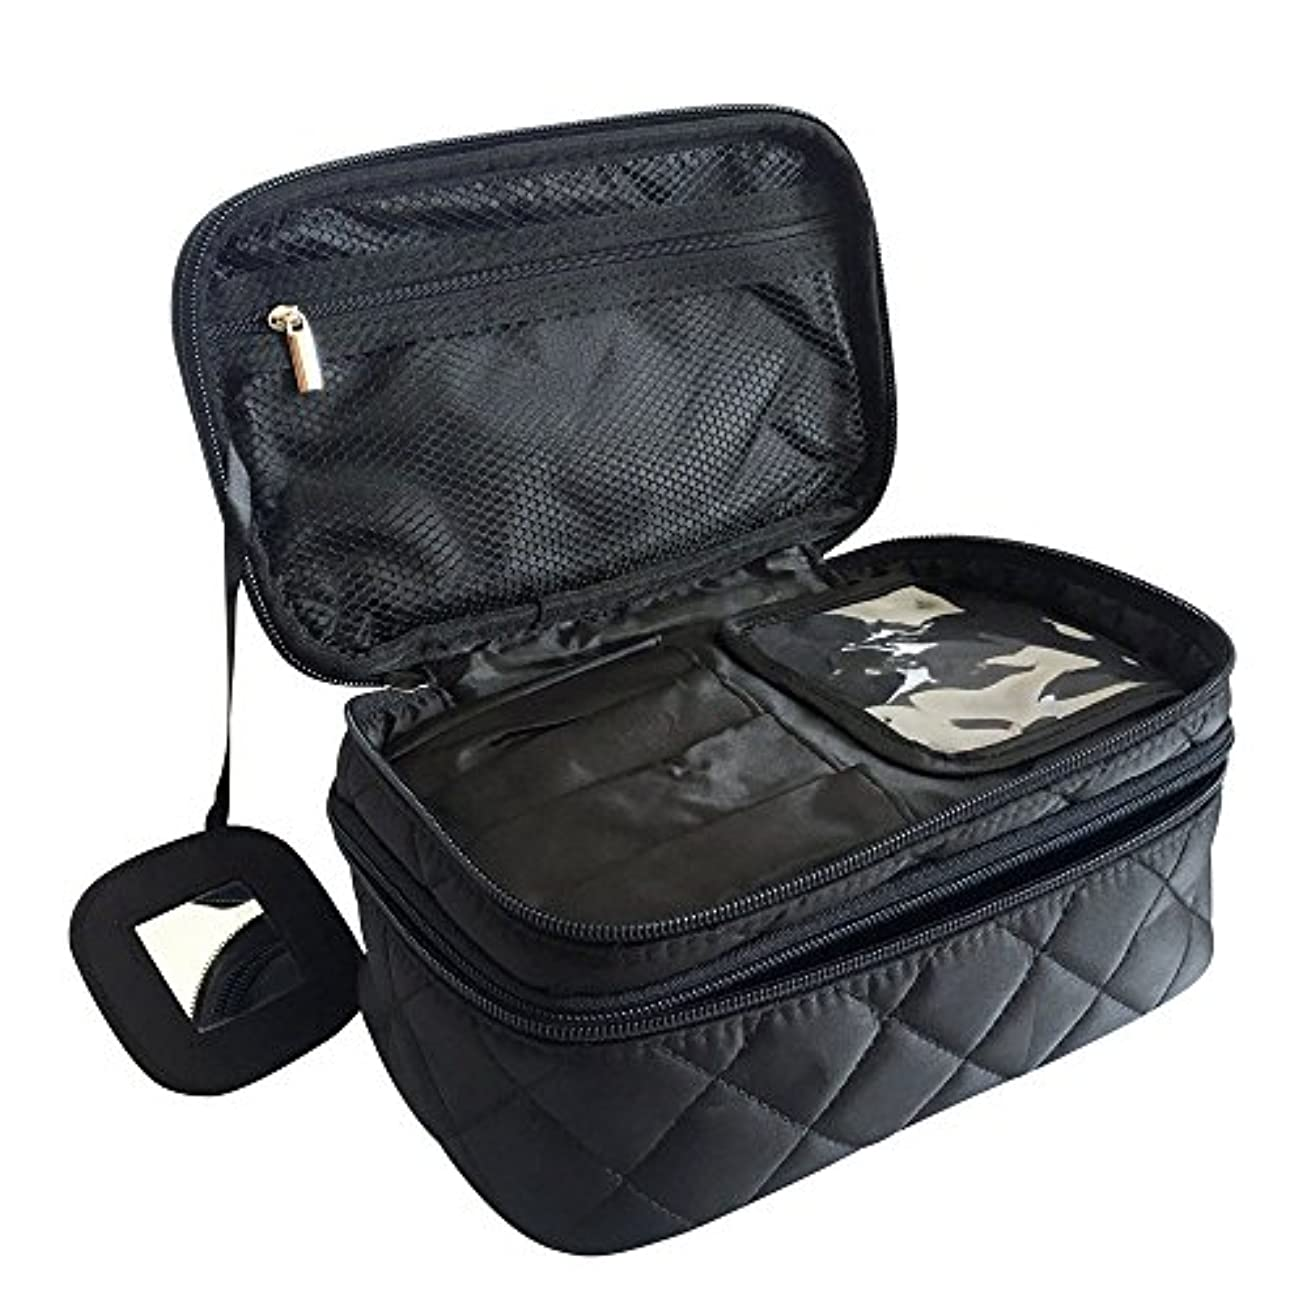 杭壮大なプレフィックスONEGenug プロ用 メイクボックス 高品質 多機能 多容量 メイクブラシバッグ 収納ケース スーツケース?トラベルバッグ 化粧 バッグ メイクブラシ 化粧道具 小物入れ 23cm×14cm×10cm